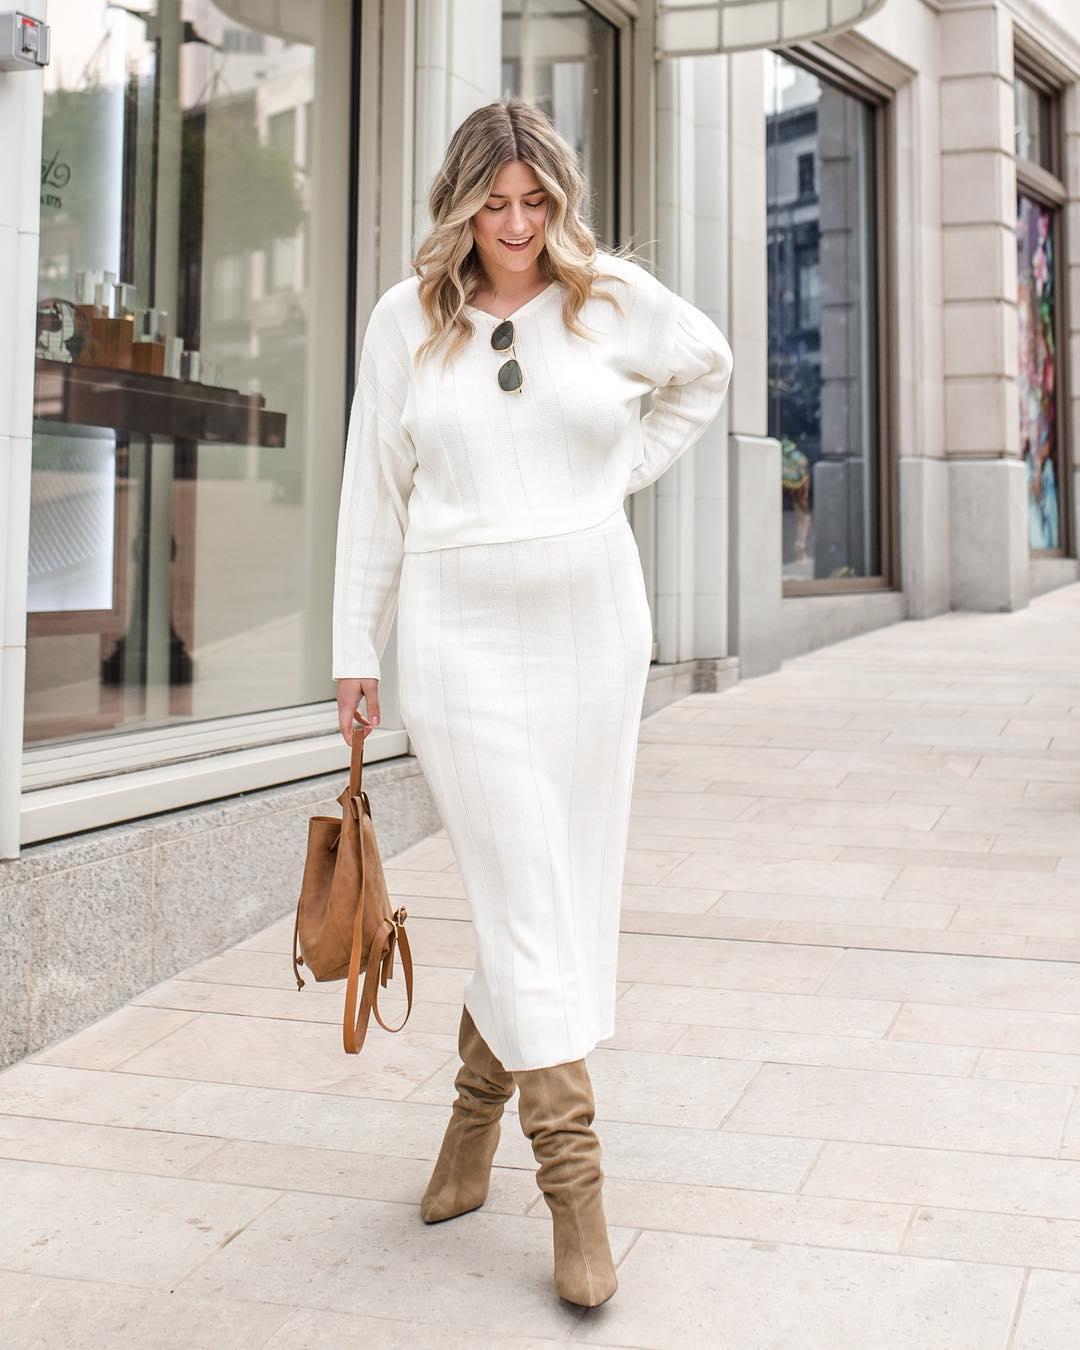 Девушка в белом трикотажном костюме с юбкой миди, бежевые замшевые туфли и сумочка